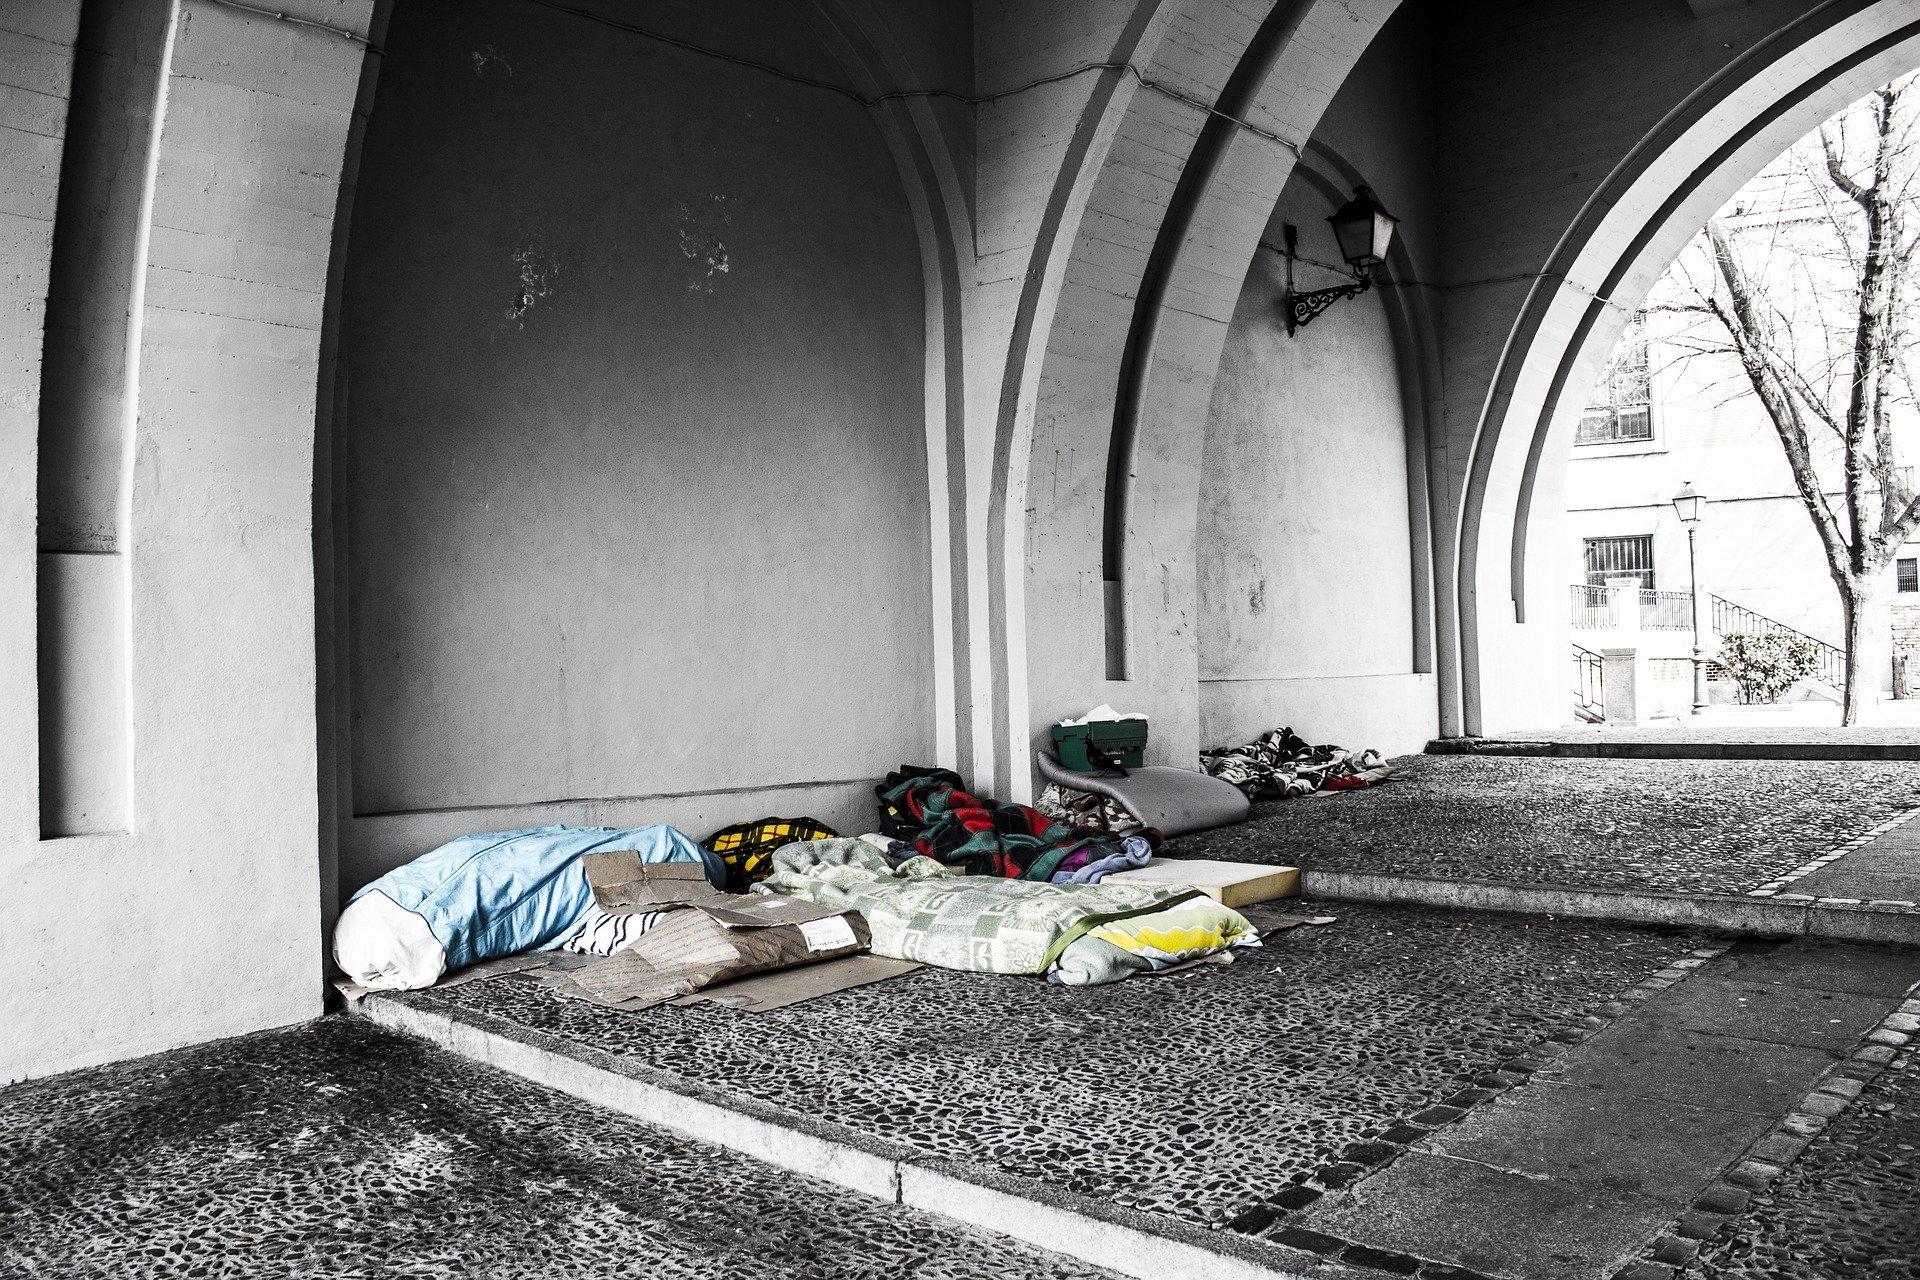 homeless 2090507 1920.jpg?resize=300,169 - Plus de 500 enfants dorment chaque nuit dans la rue à Paris